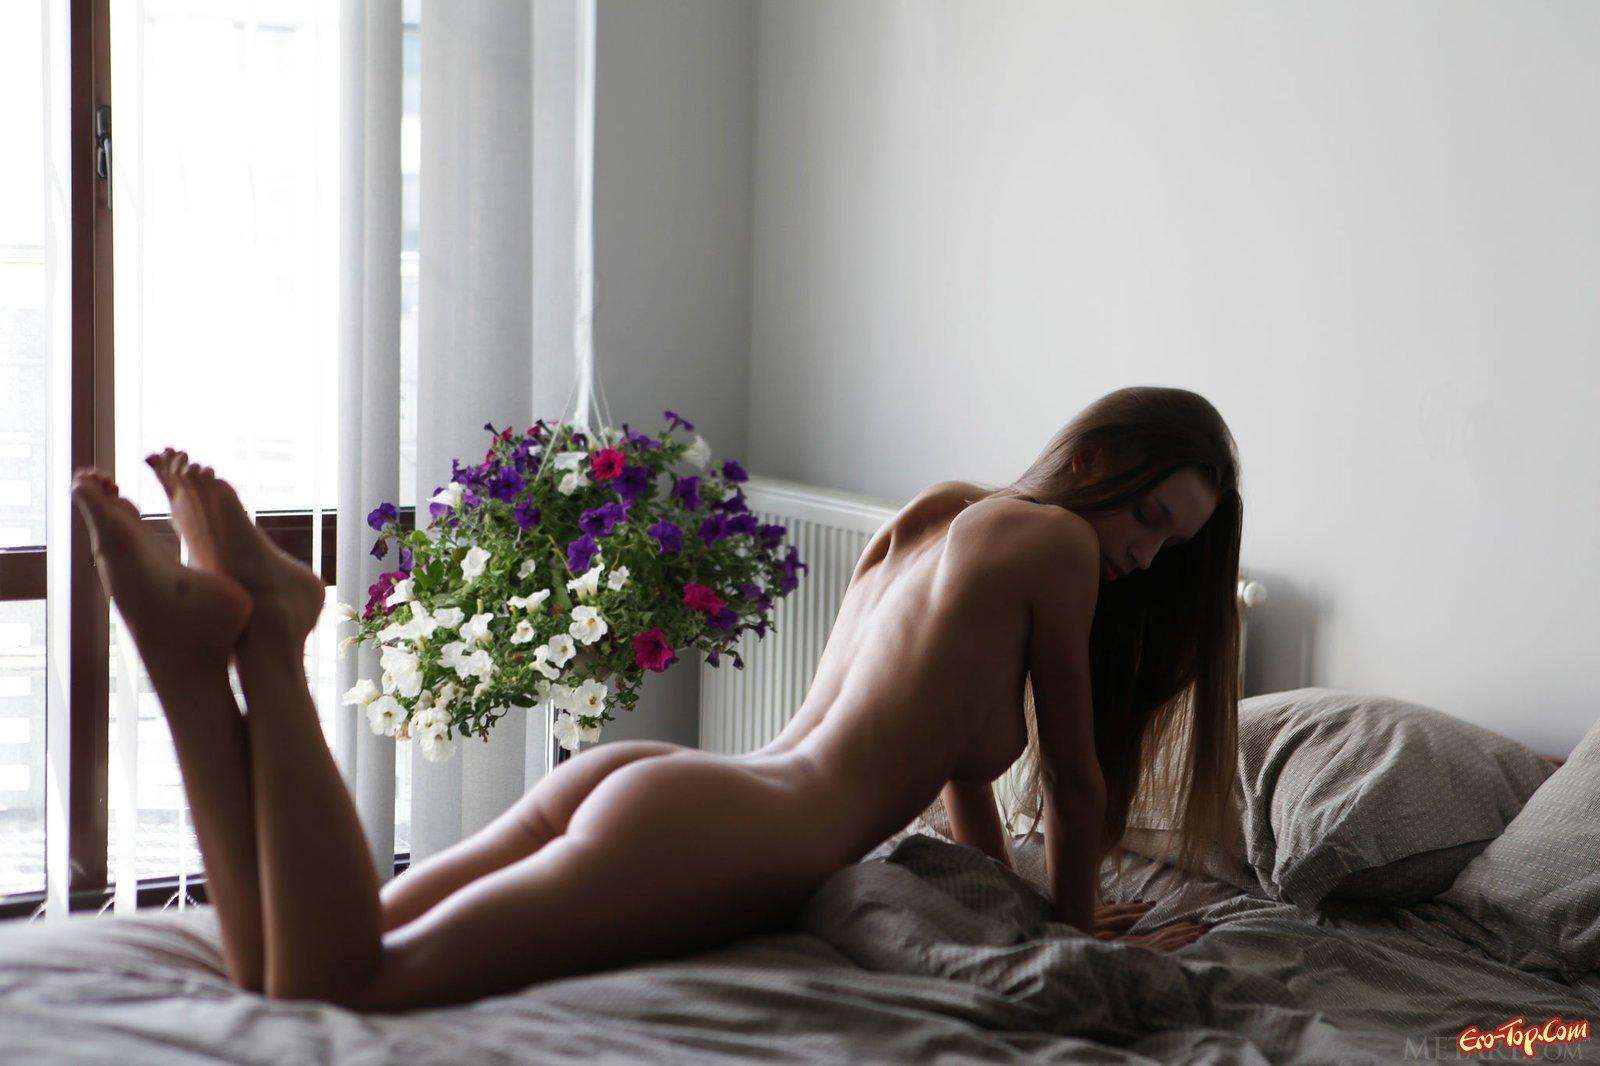 Красивая попка и грудь молодой девушки